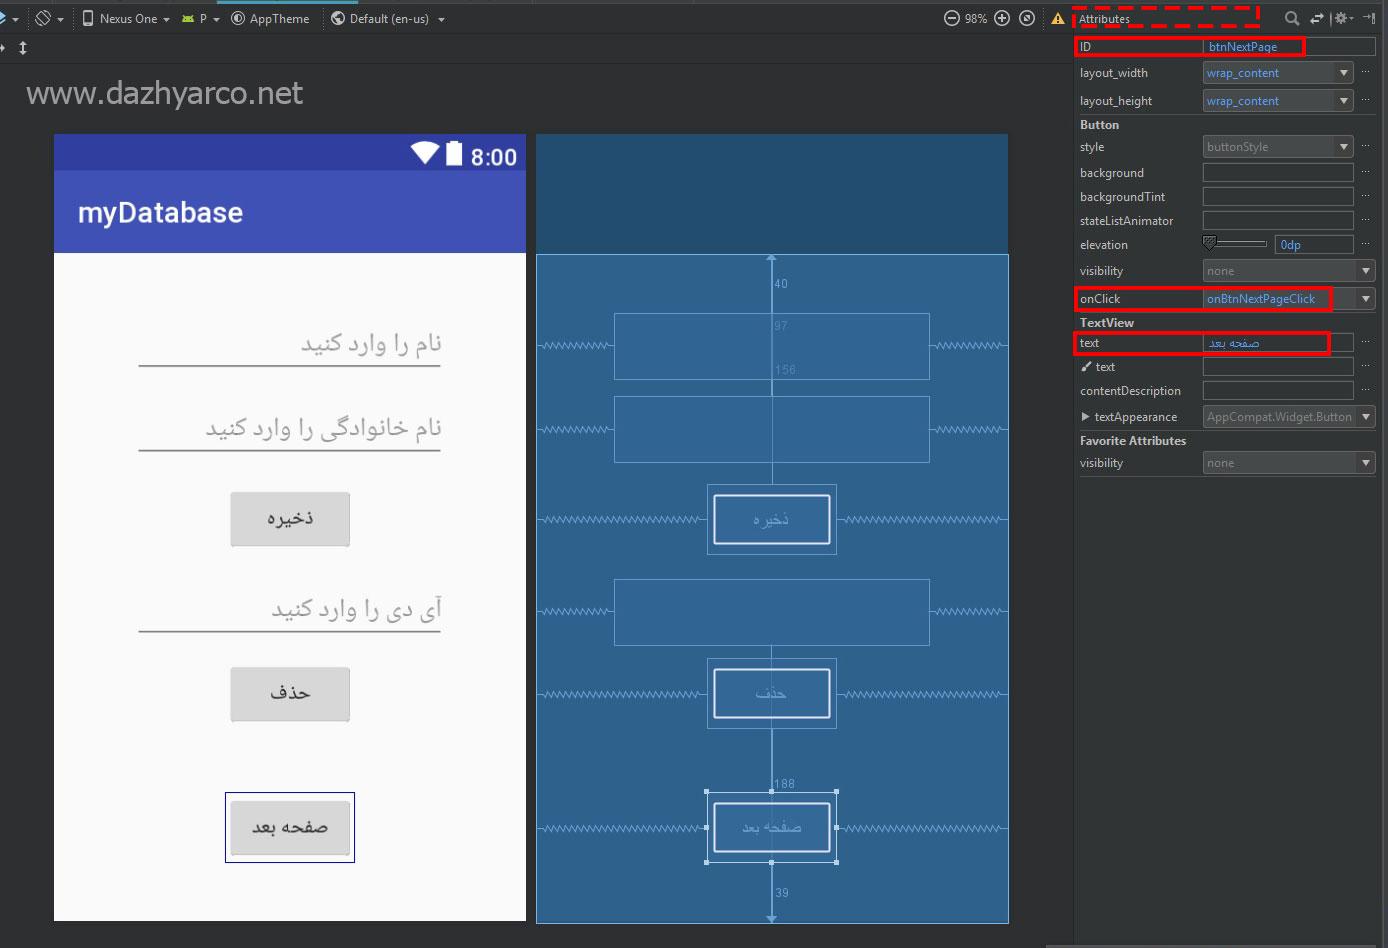 آموزش آپدیت اطلاعات دیتابیس SQLite در اندروید- لایوت MainActivity